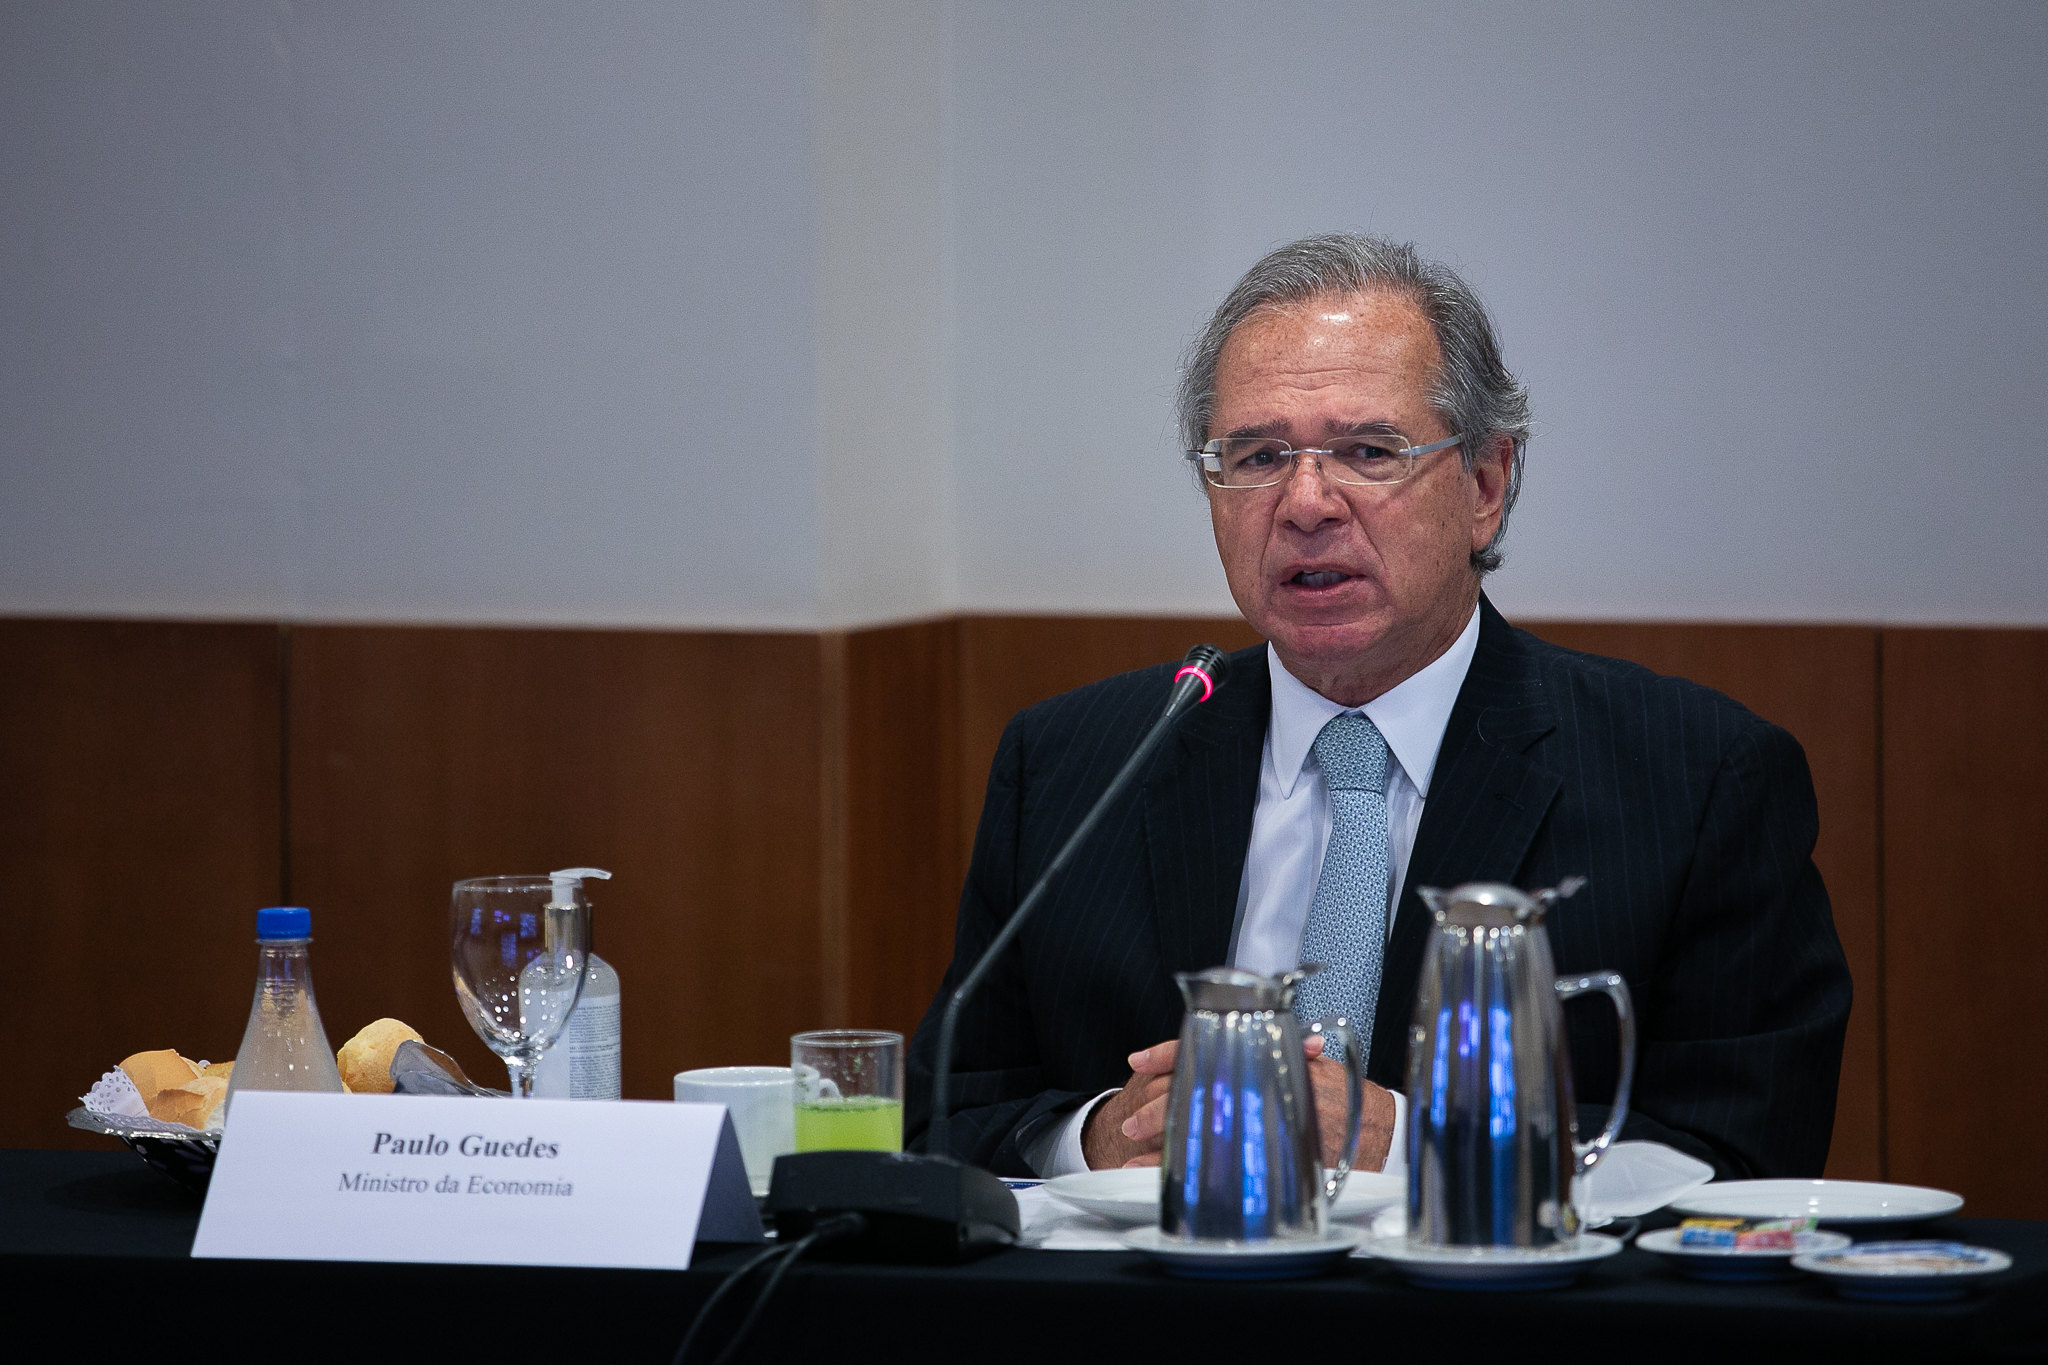 IMAGEM: 'Reforma tributária não terá grande novidade', diz Guedes